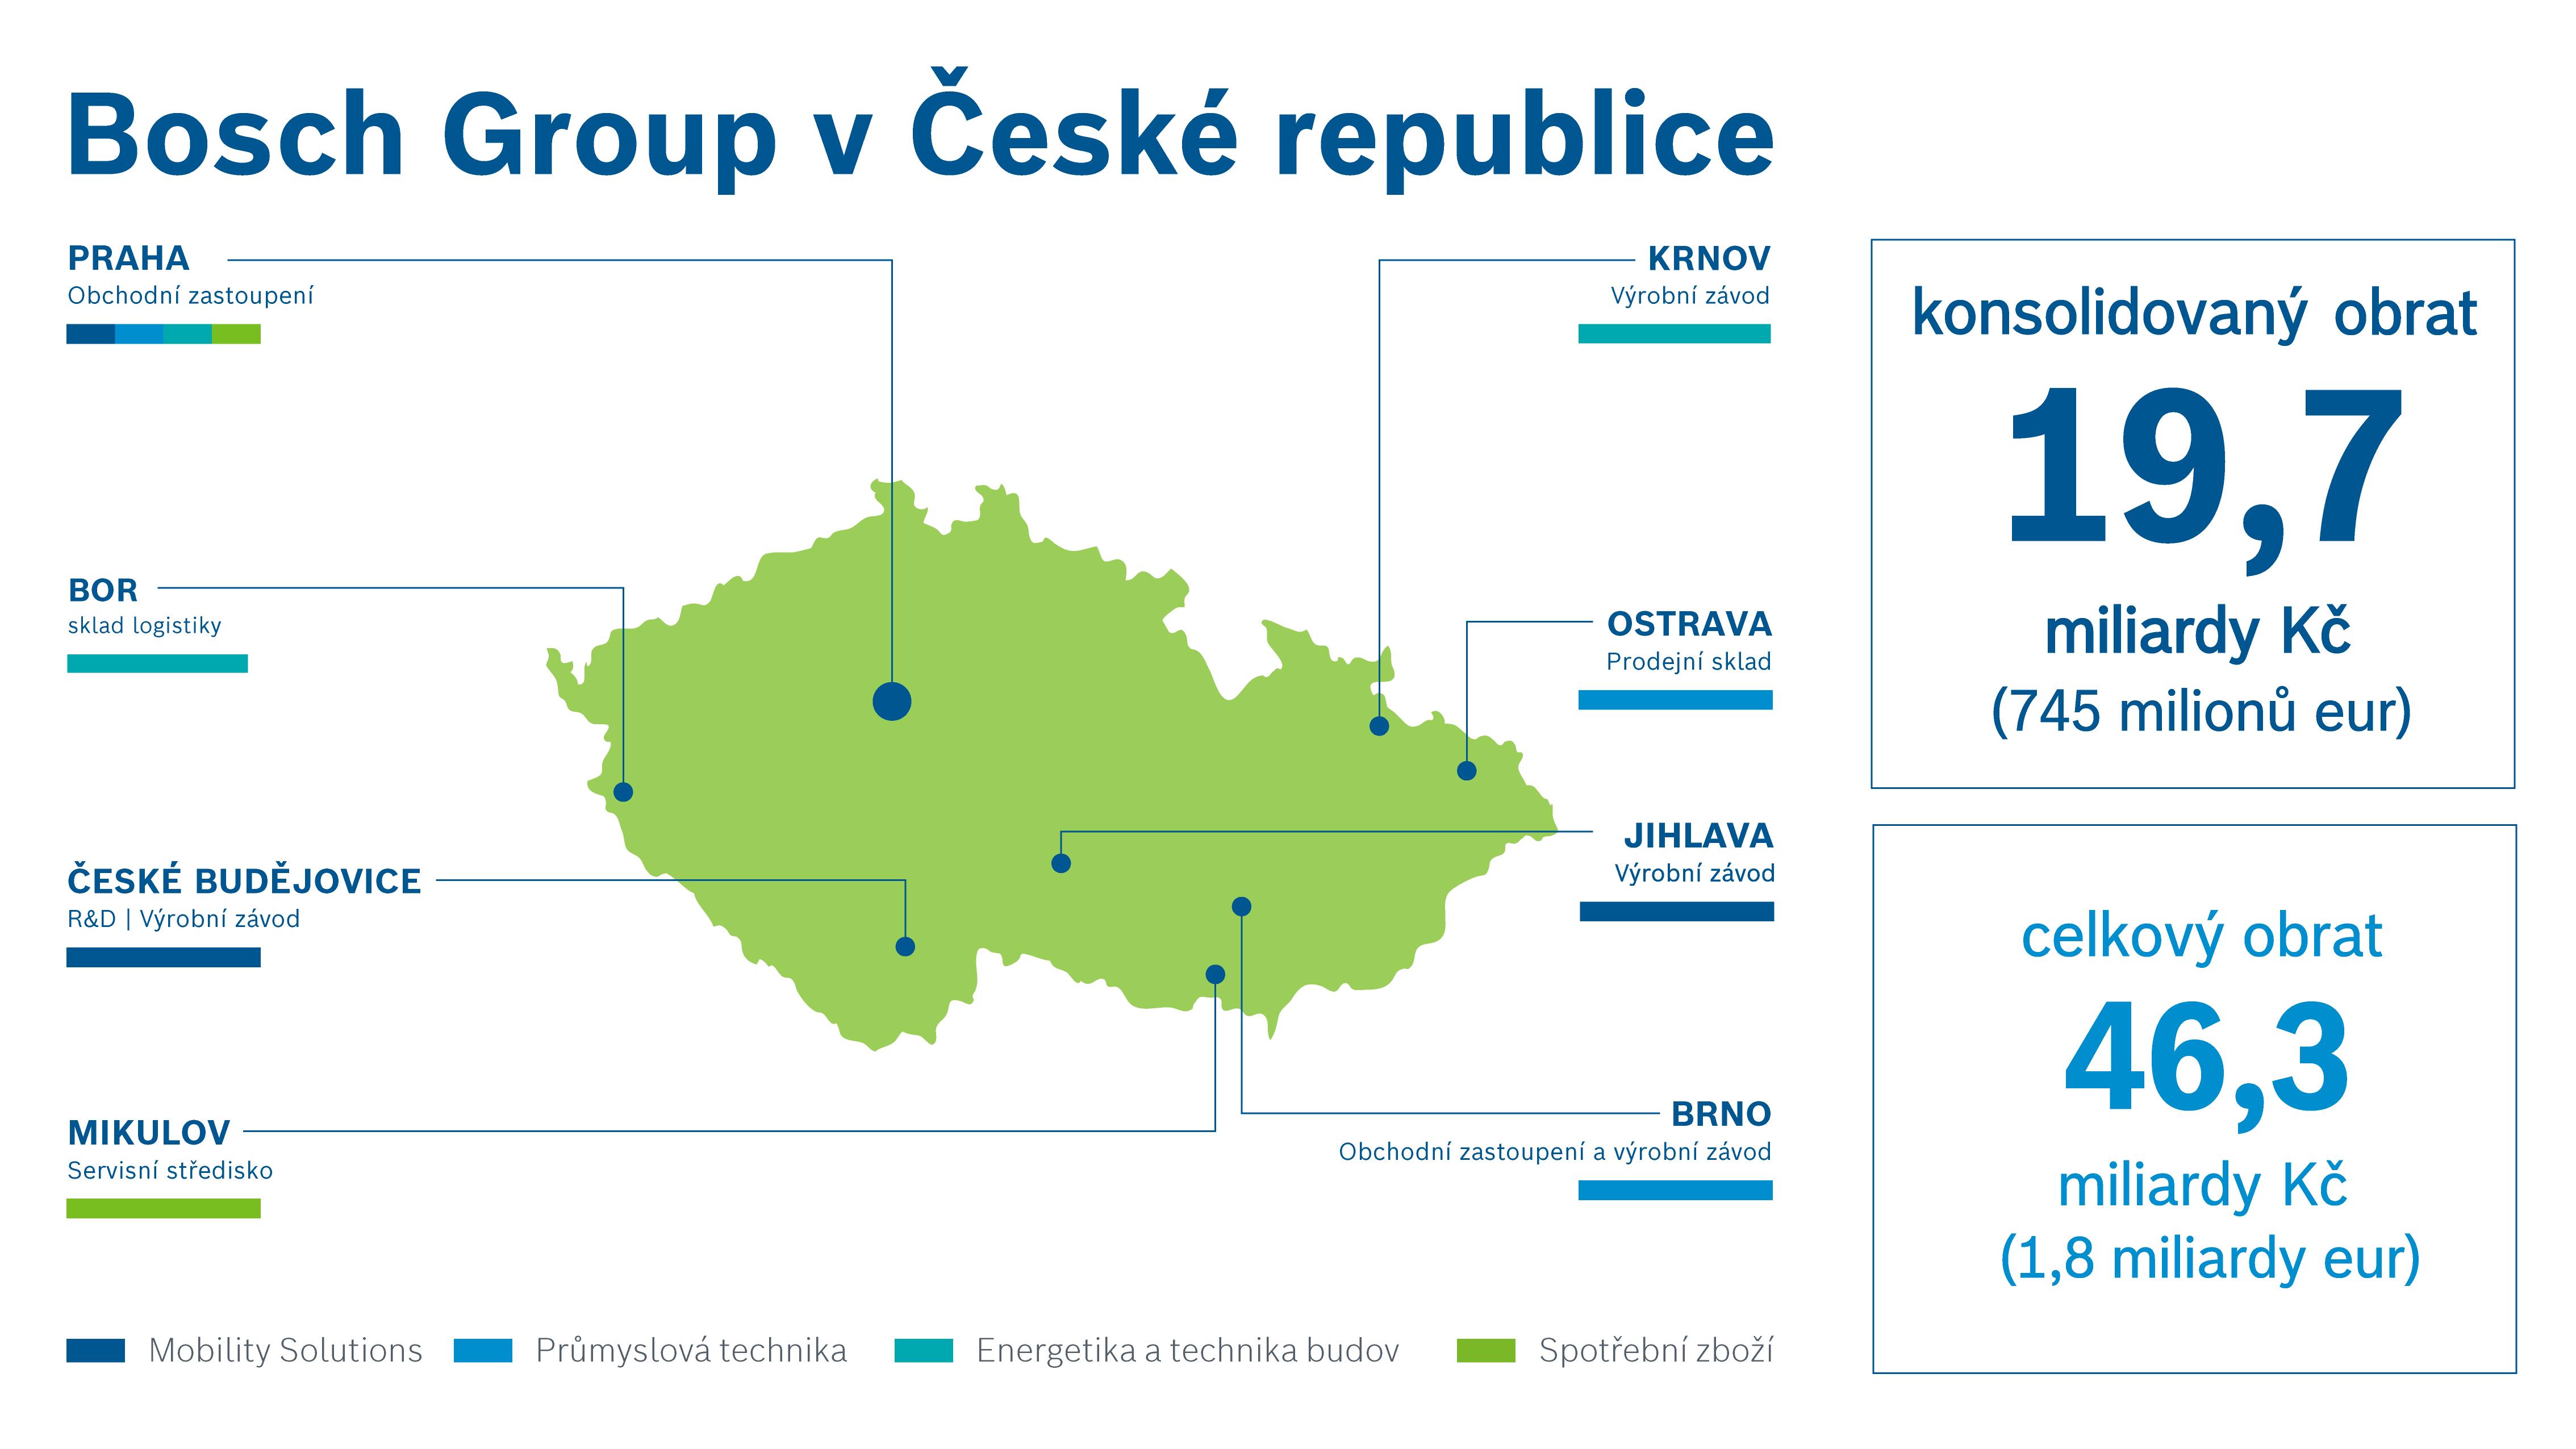 Bosch sídlí v České republice v osmi lokalitách.